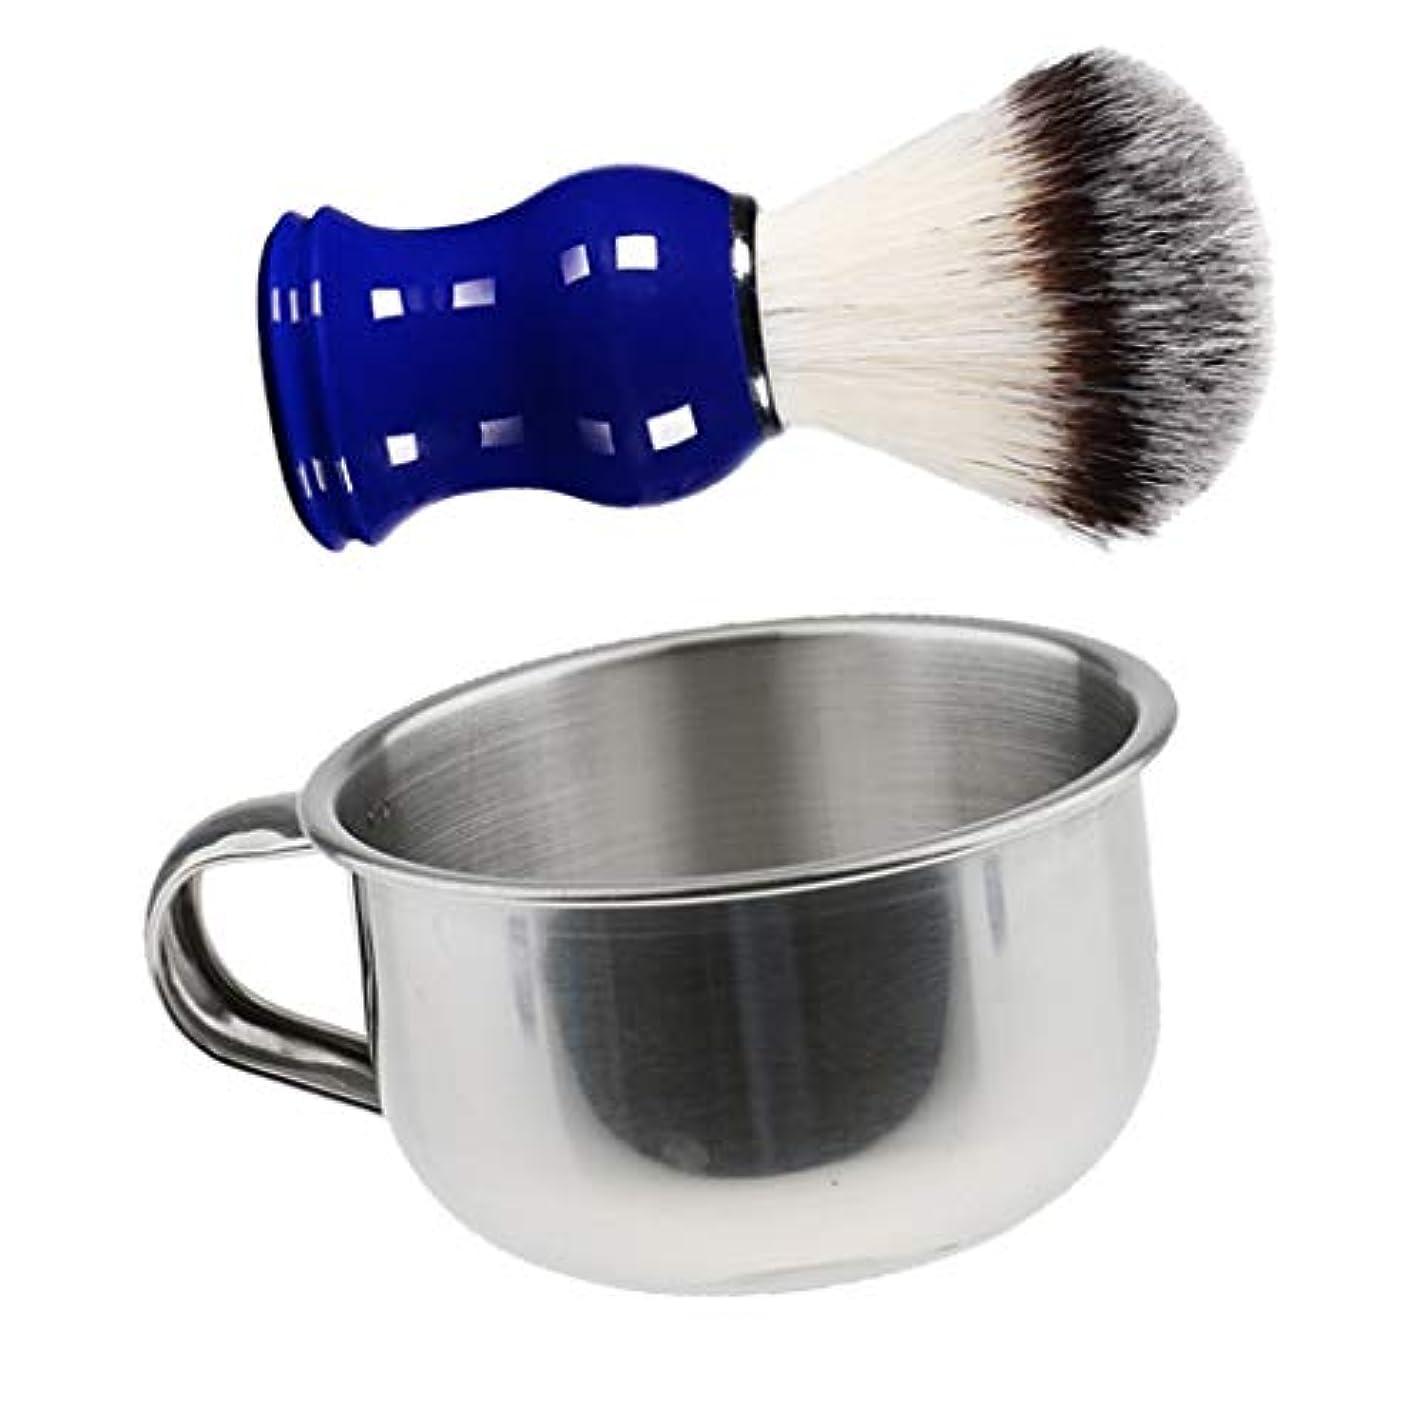 コイル食料品店嫌なメンズ シェービング マグ ボウル ステンレス製 シェービング用ブラシ 理容 洗顔 髭剃り 贈り物